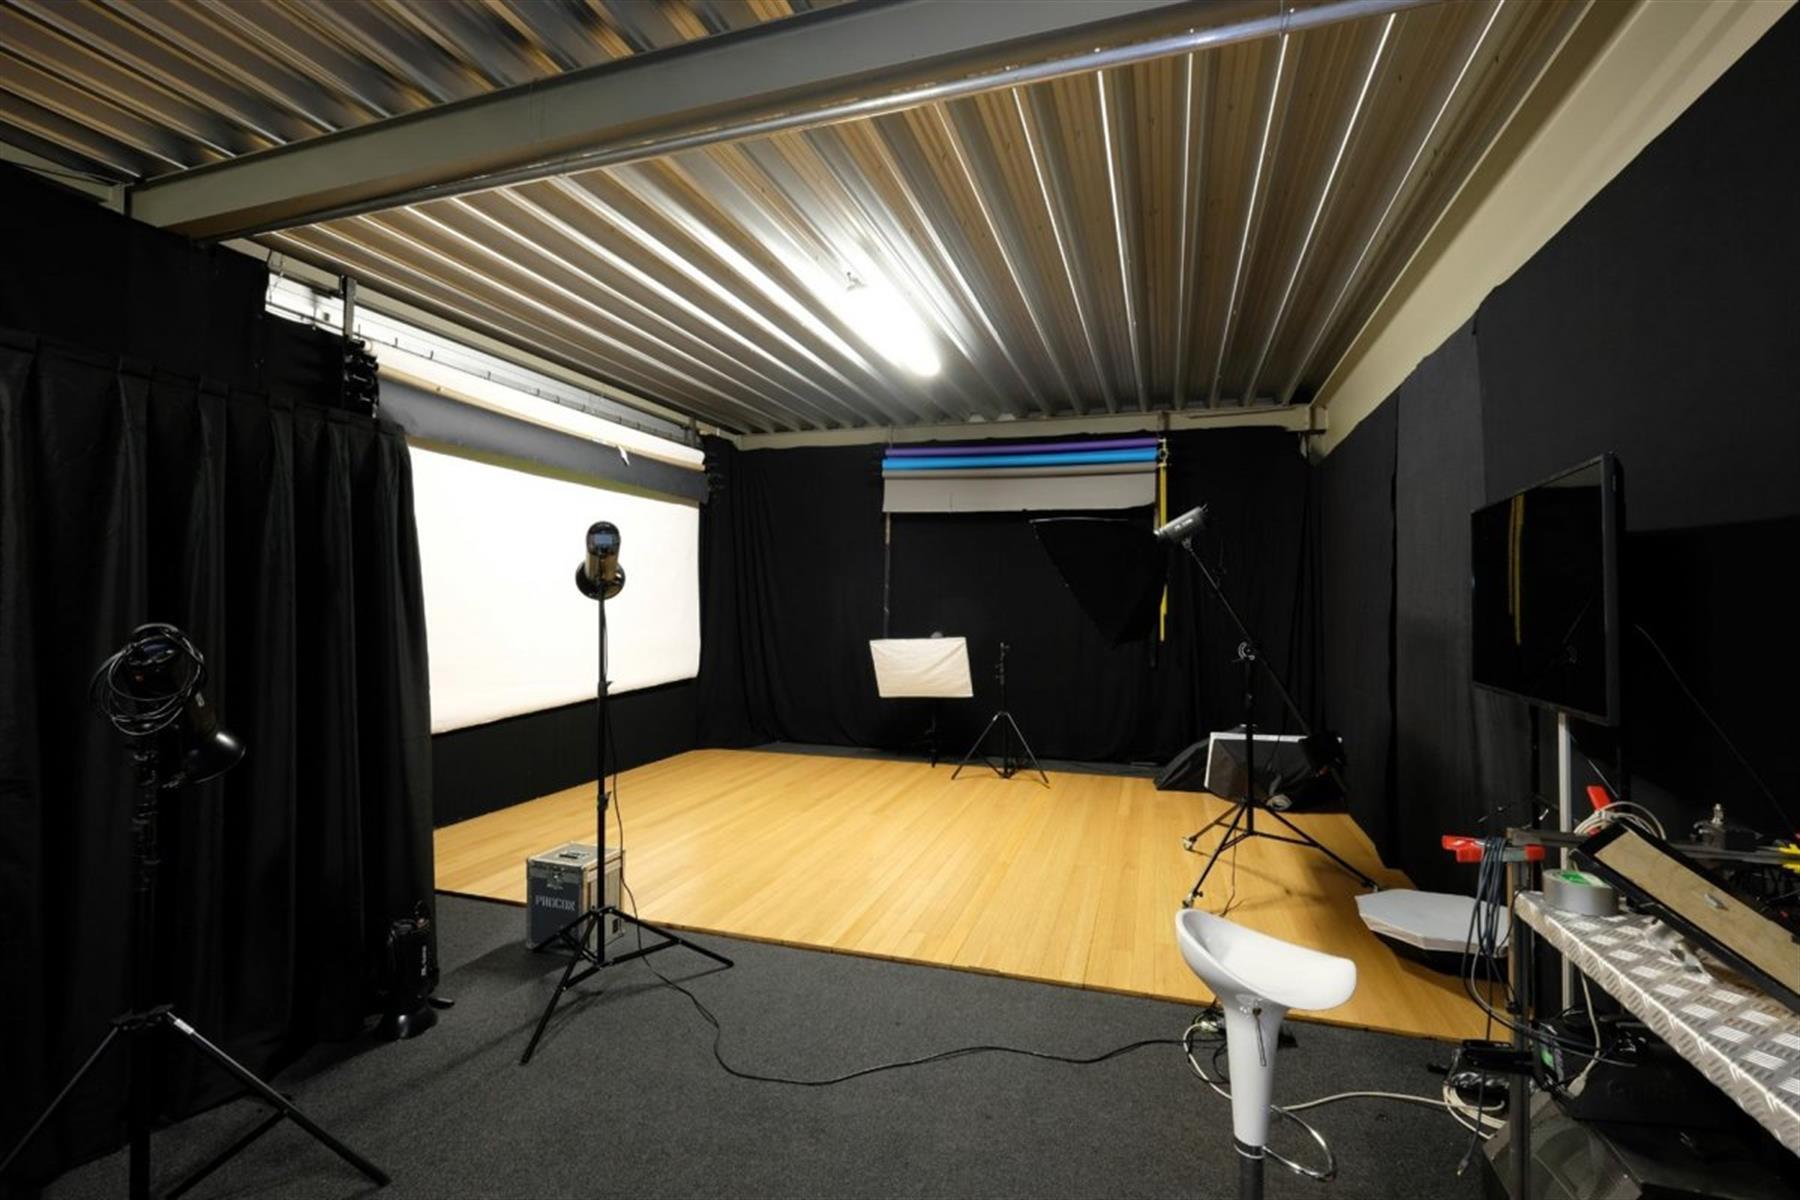 bedrijfsgebouw te koop I122 - Bedrijfsgebouw - Centrum-Zuid 3023 2, 3530 Houthalen-Helchteren, België 8